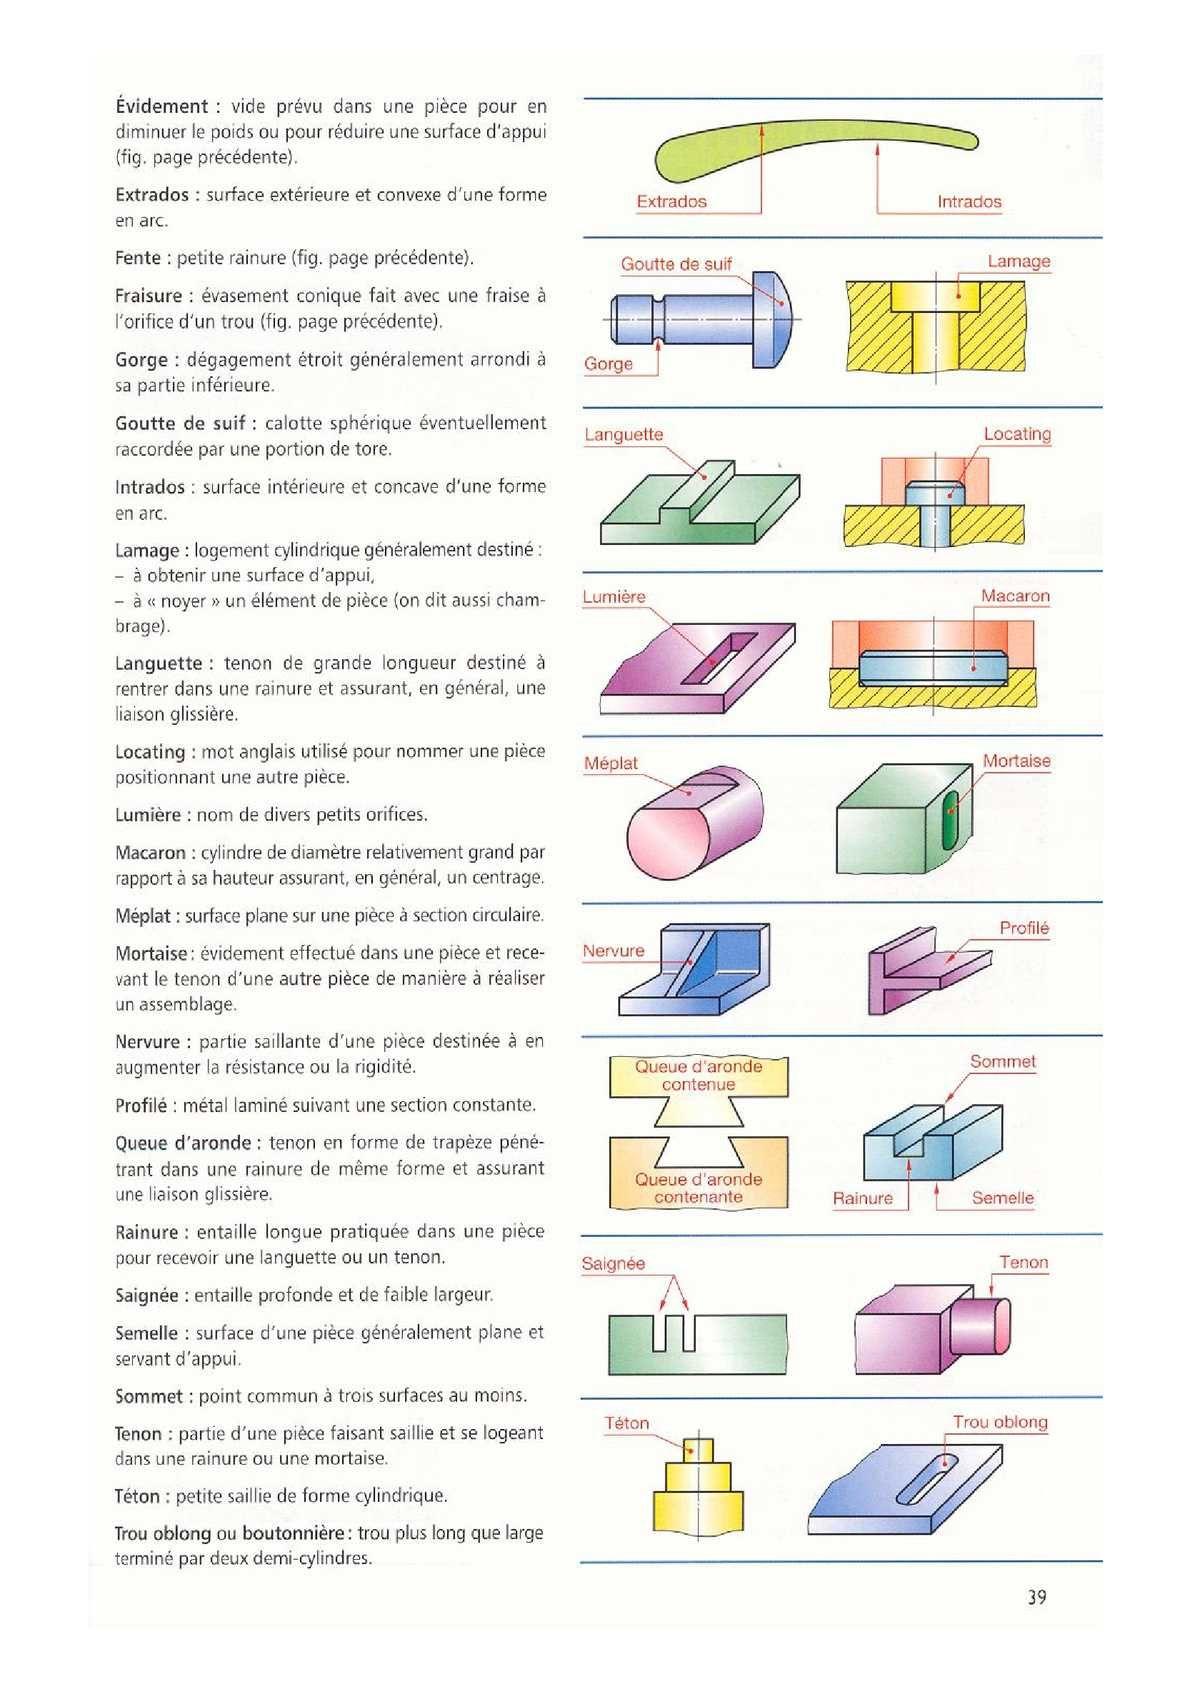 Guide Du Dessinateur Industriel Pdf : guide, dessinateur, industriel, Print, Guide, Dessinateur, Industriel, Chevalier, Print,